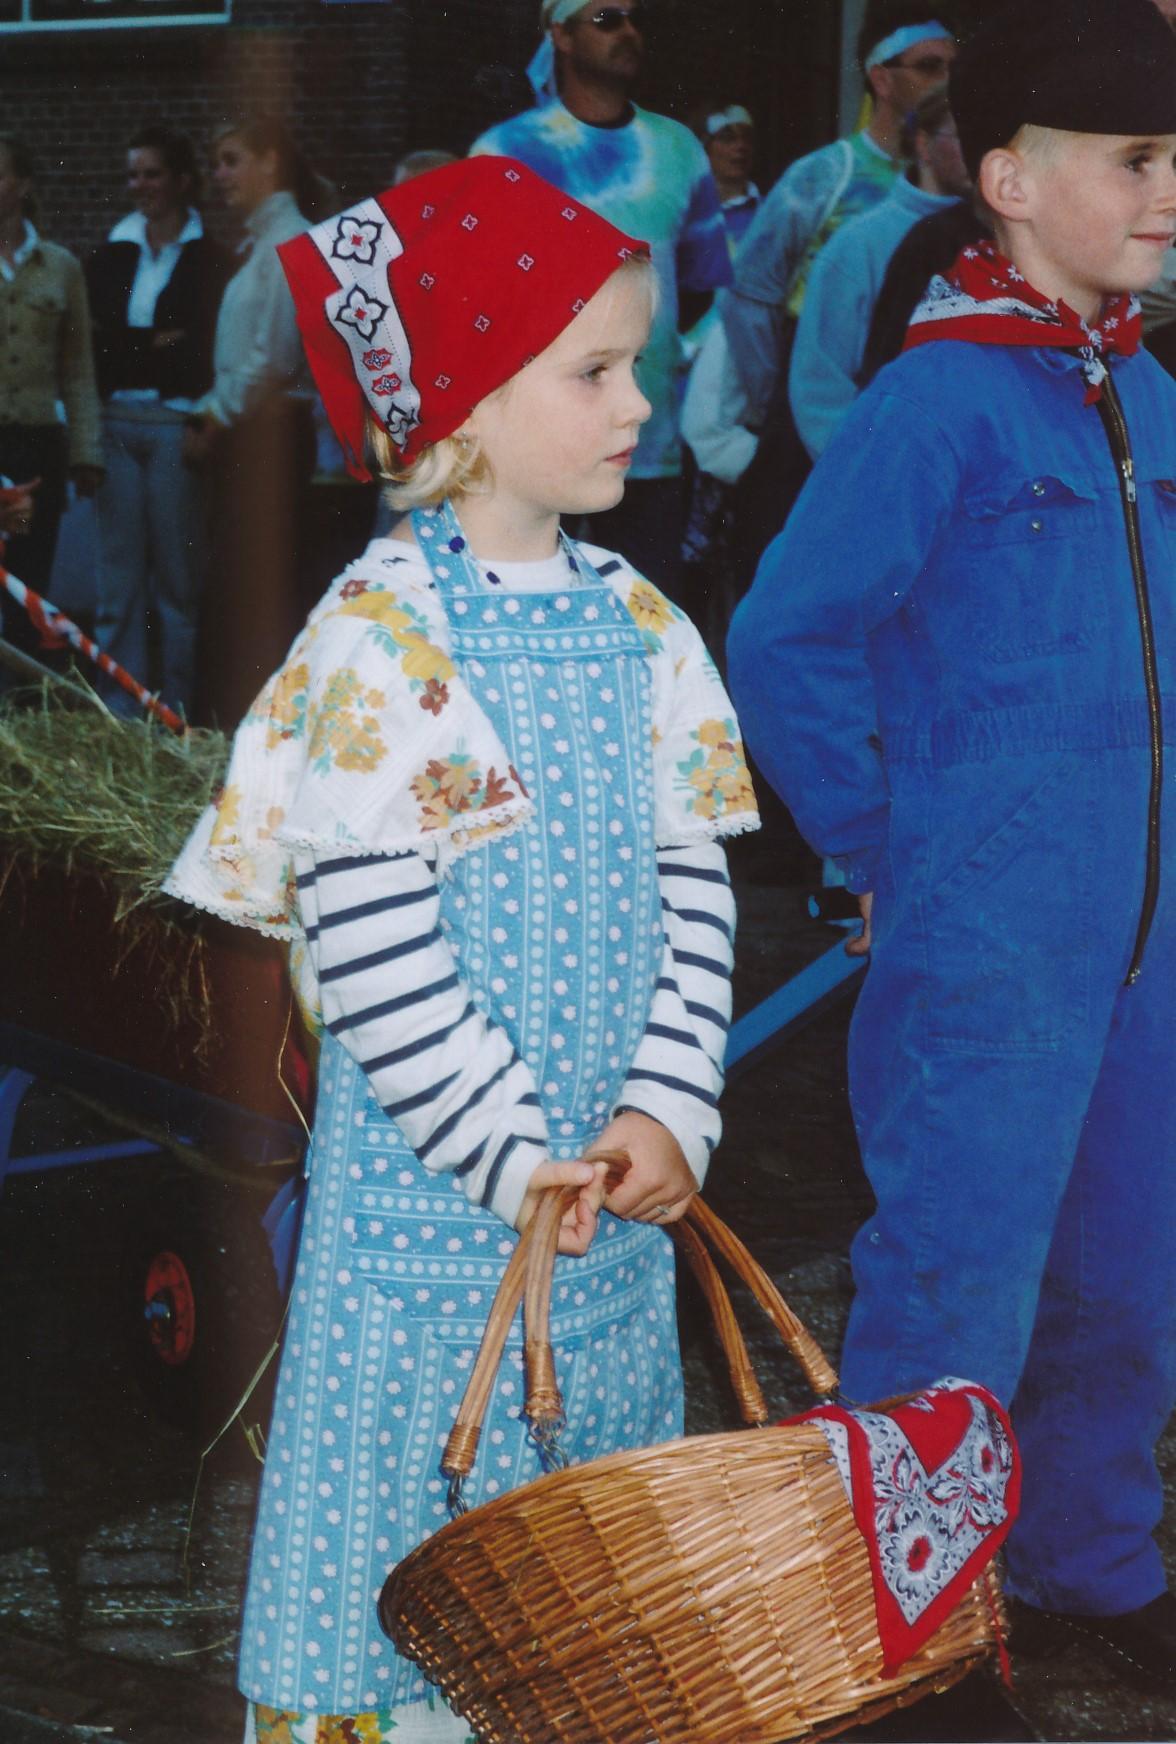 Fotoalbum Anneke Miedema, 016, Optocht Sjoukje en Floris Miedema, Merke 2002